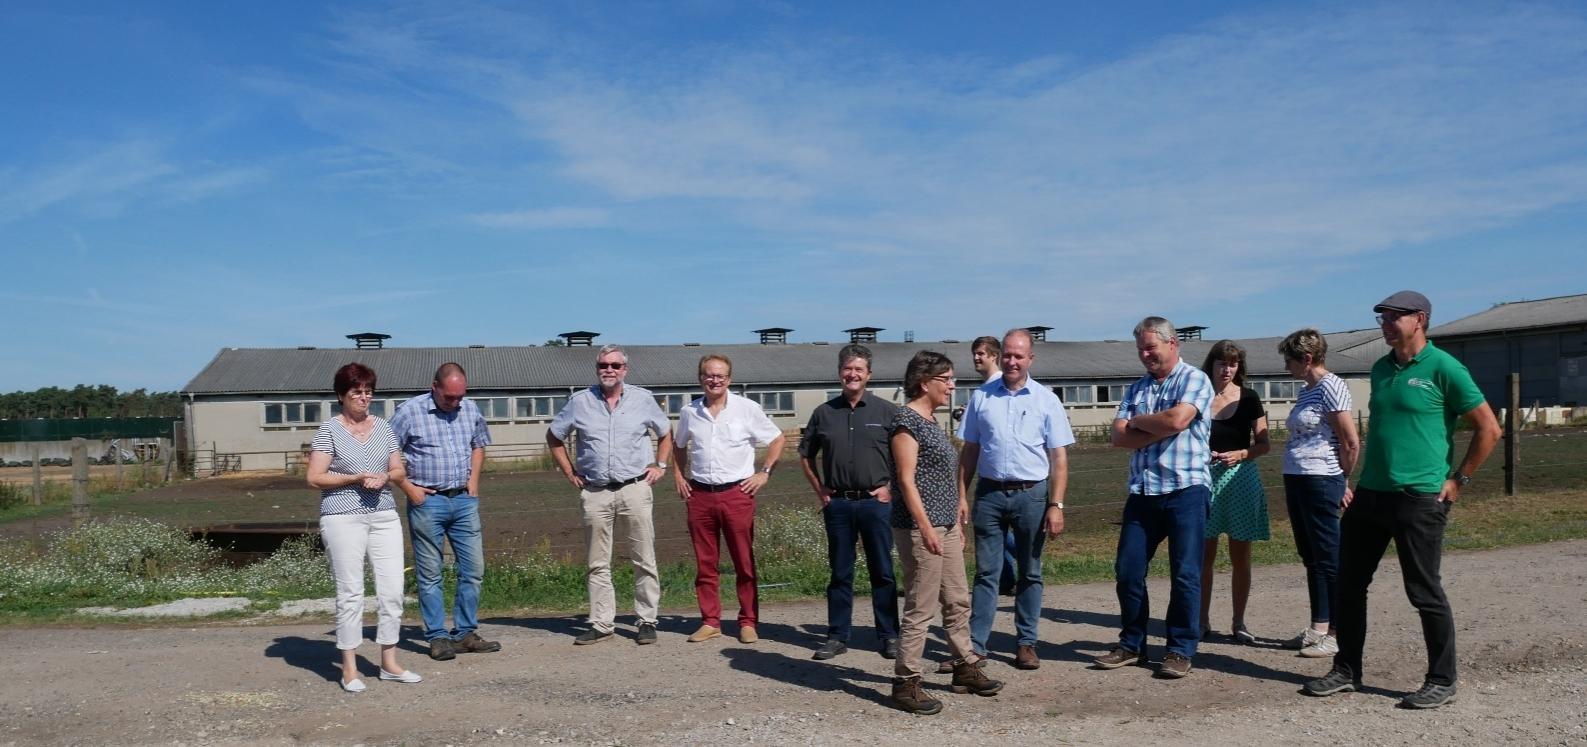 Landratsbesch Elbe-Elster 2020 in den Massener Höfen